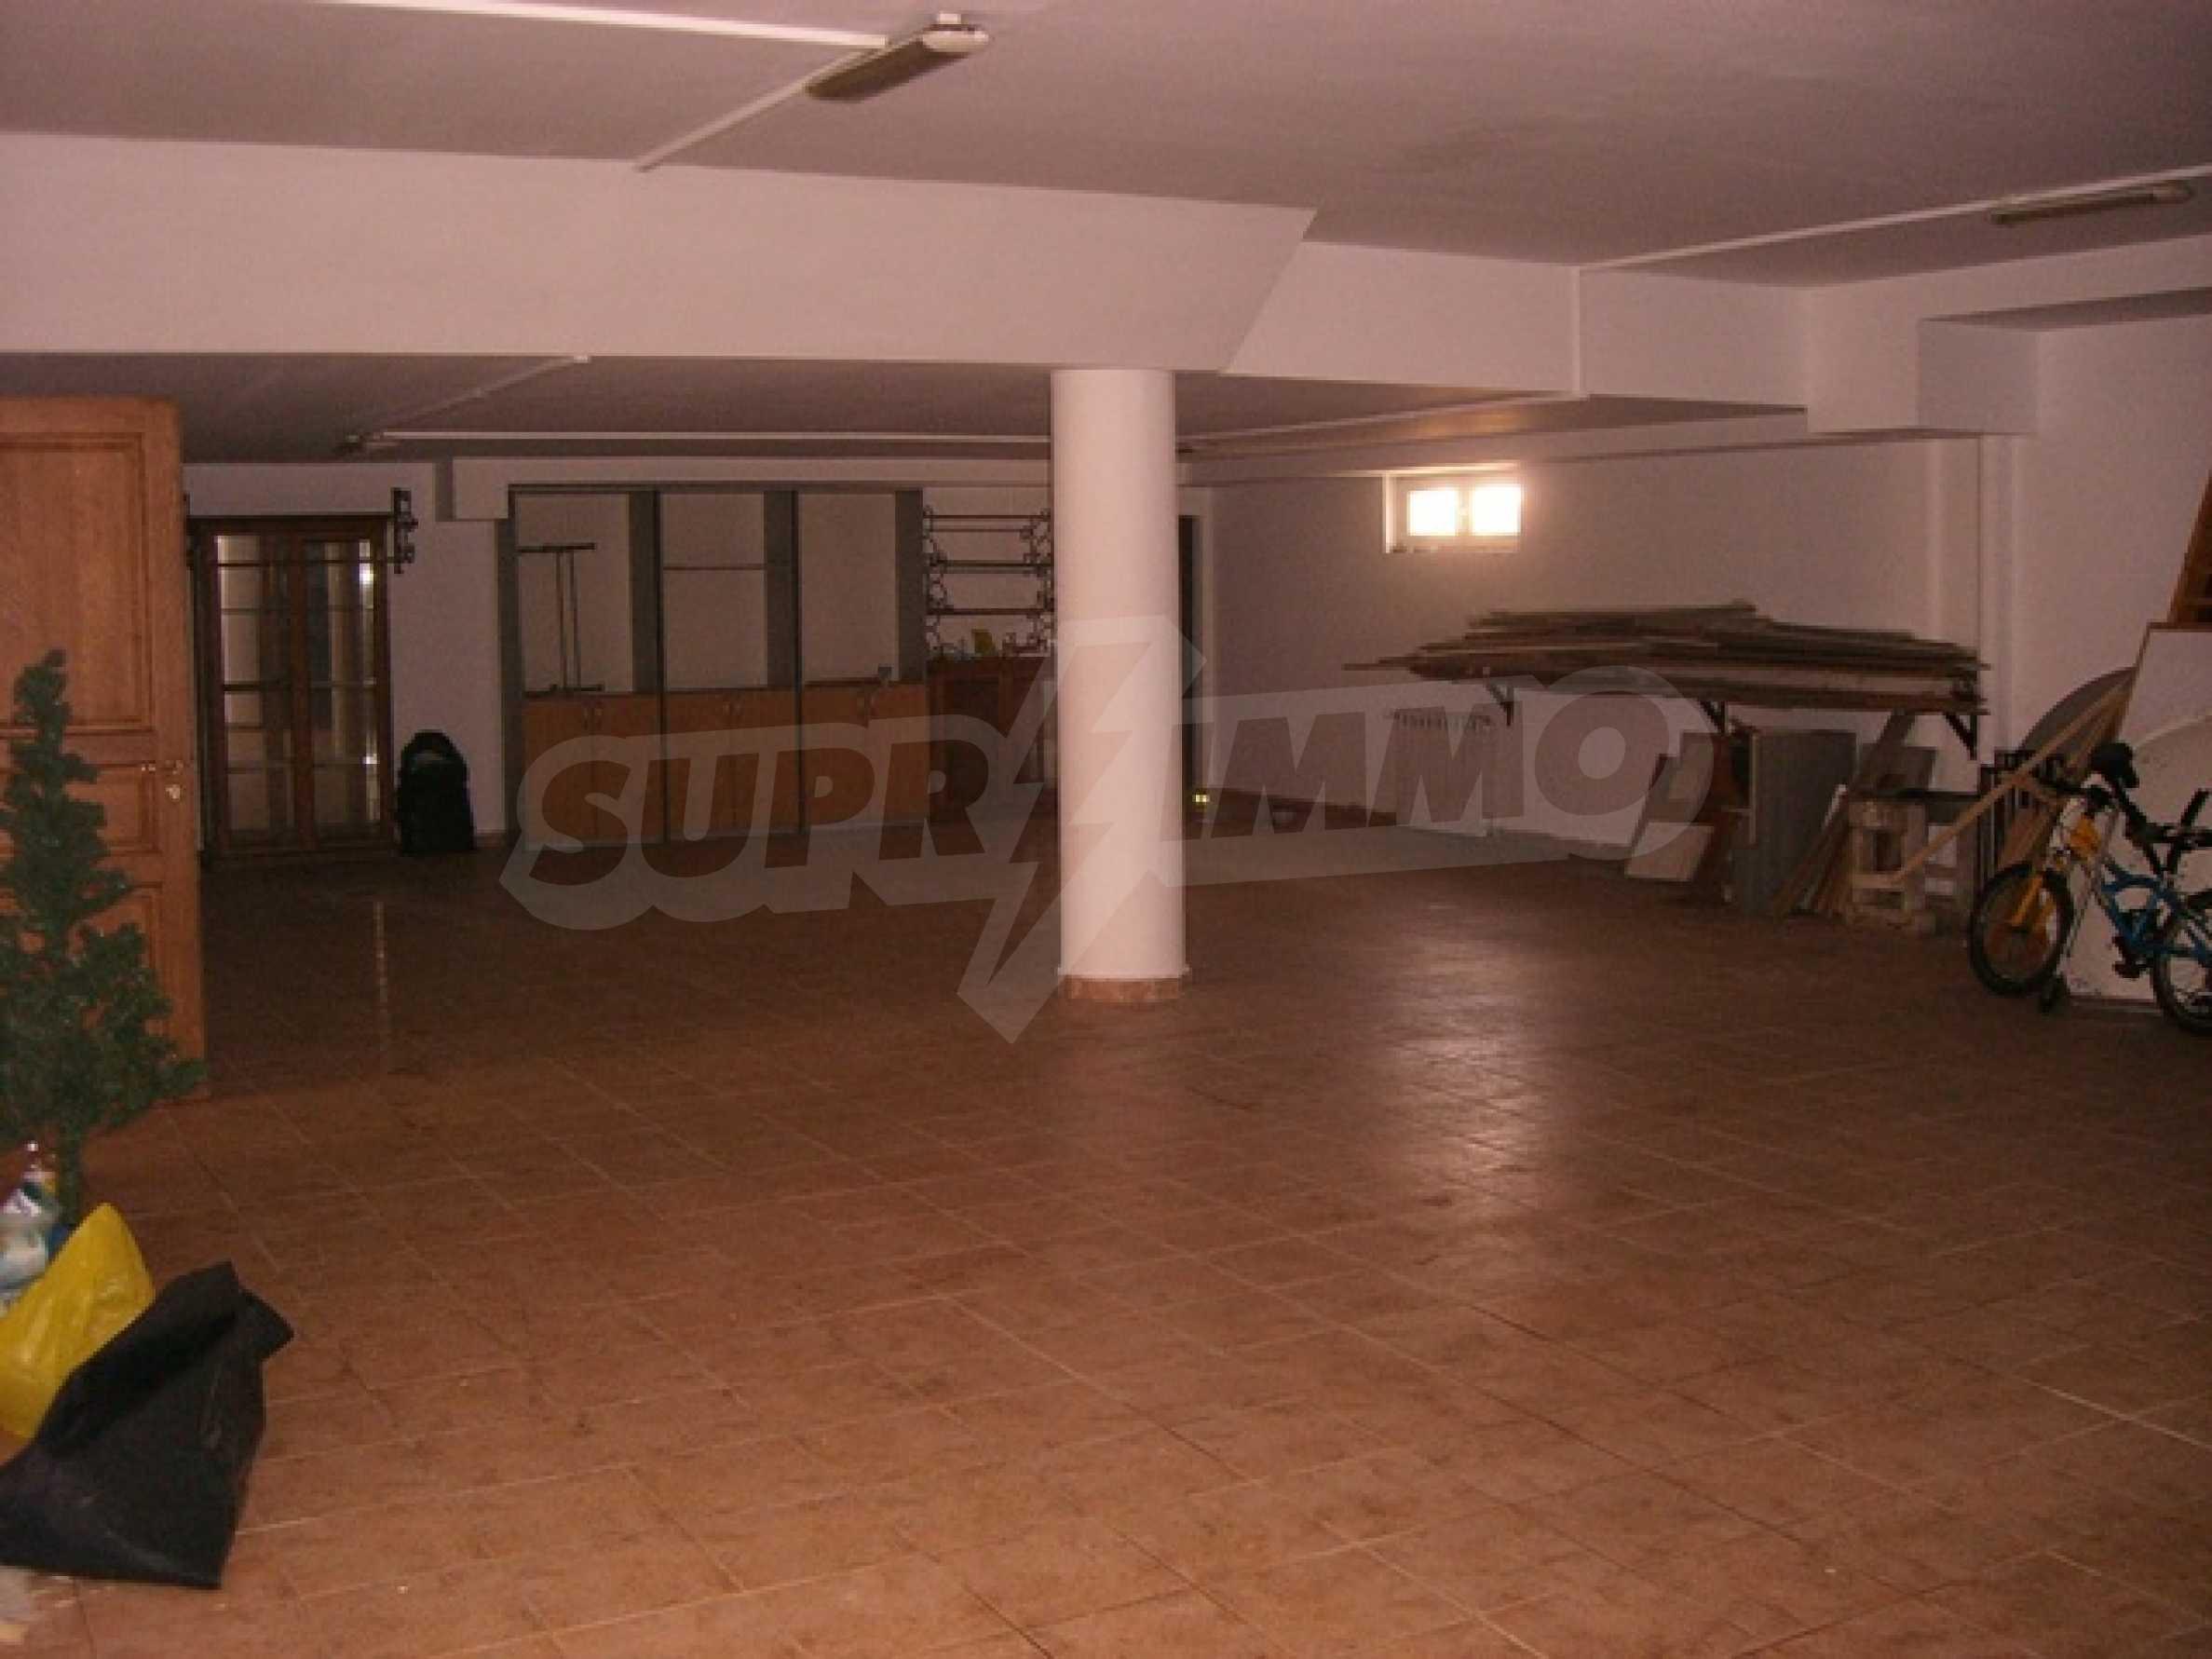 Residenz bulgarischen Traumhaus 56